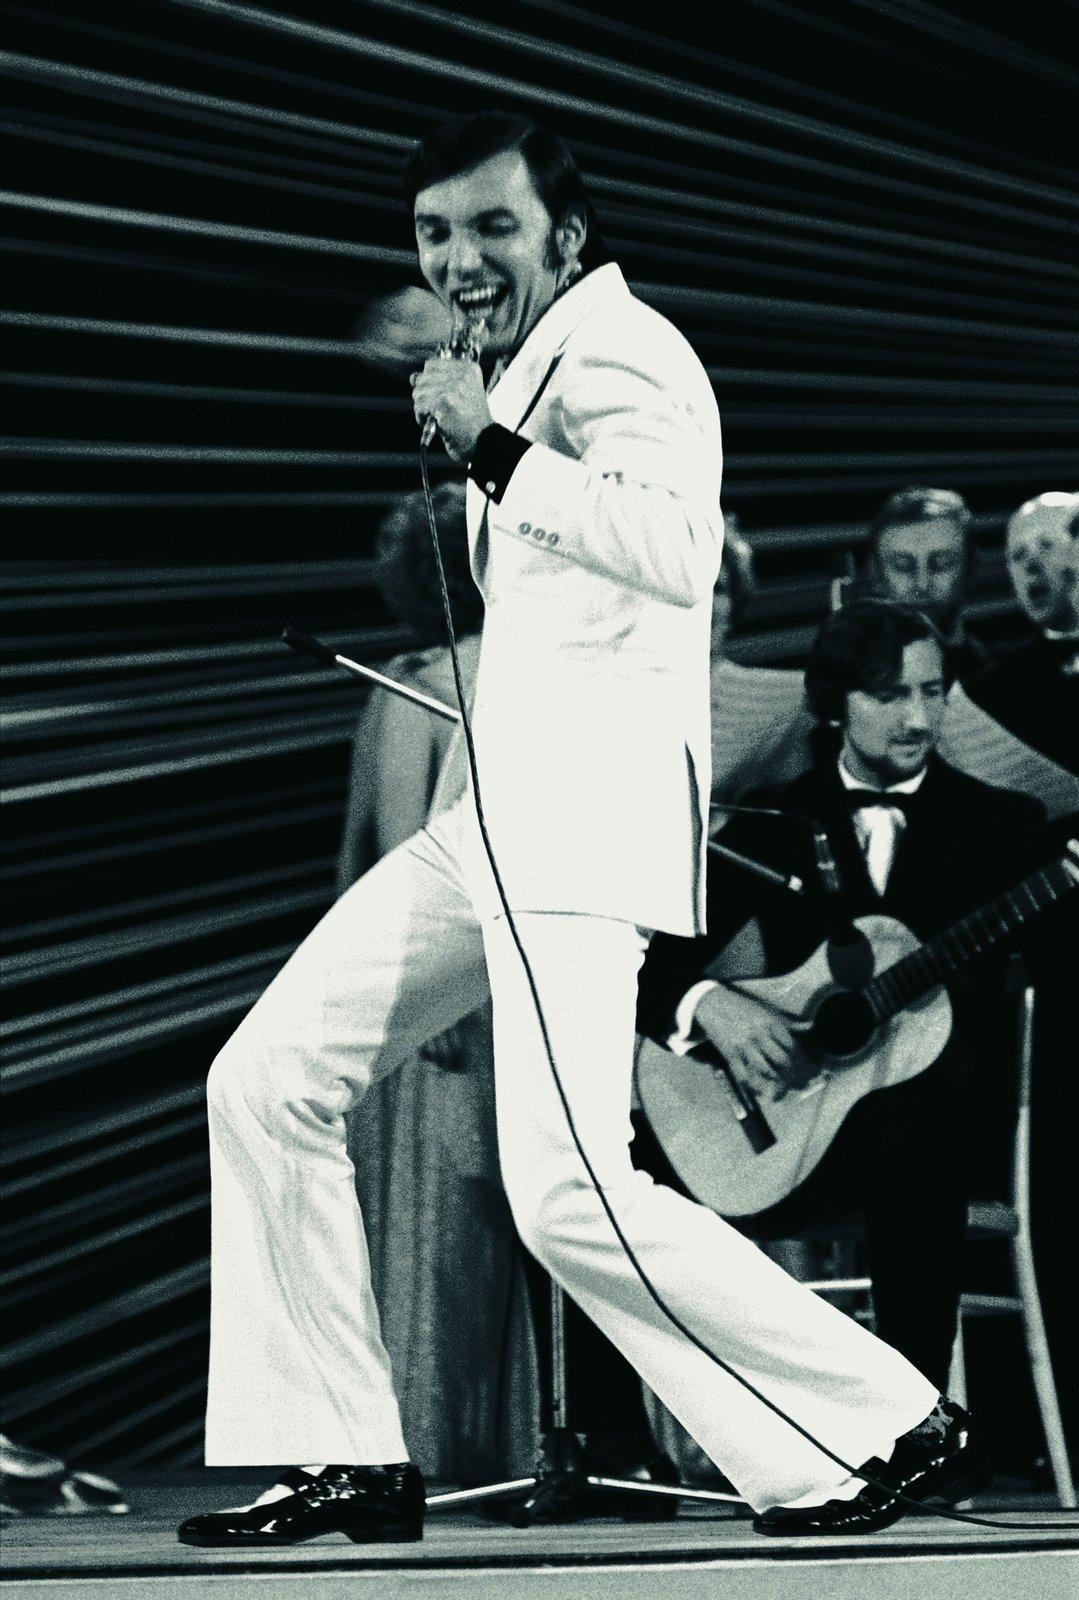 Na hudební soutěži Bratislavská lyra získal Karel Gott v roce 1969 bronzovou cenu s písničkou Jaromíra Klempíře a Jiřího Štaidla Hej, páni konšelé. Na jeho vystoupení reagoval i Gustáv Husák, který veřejně pranýřoval text písně i Gotta.